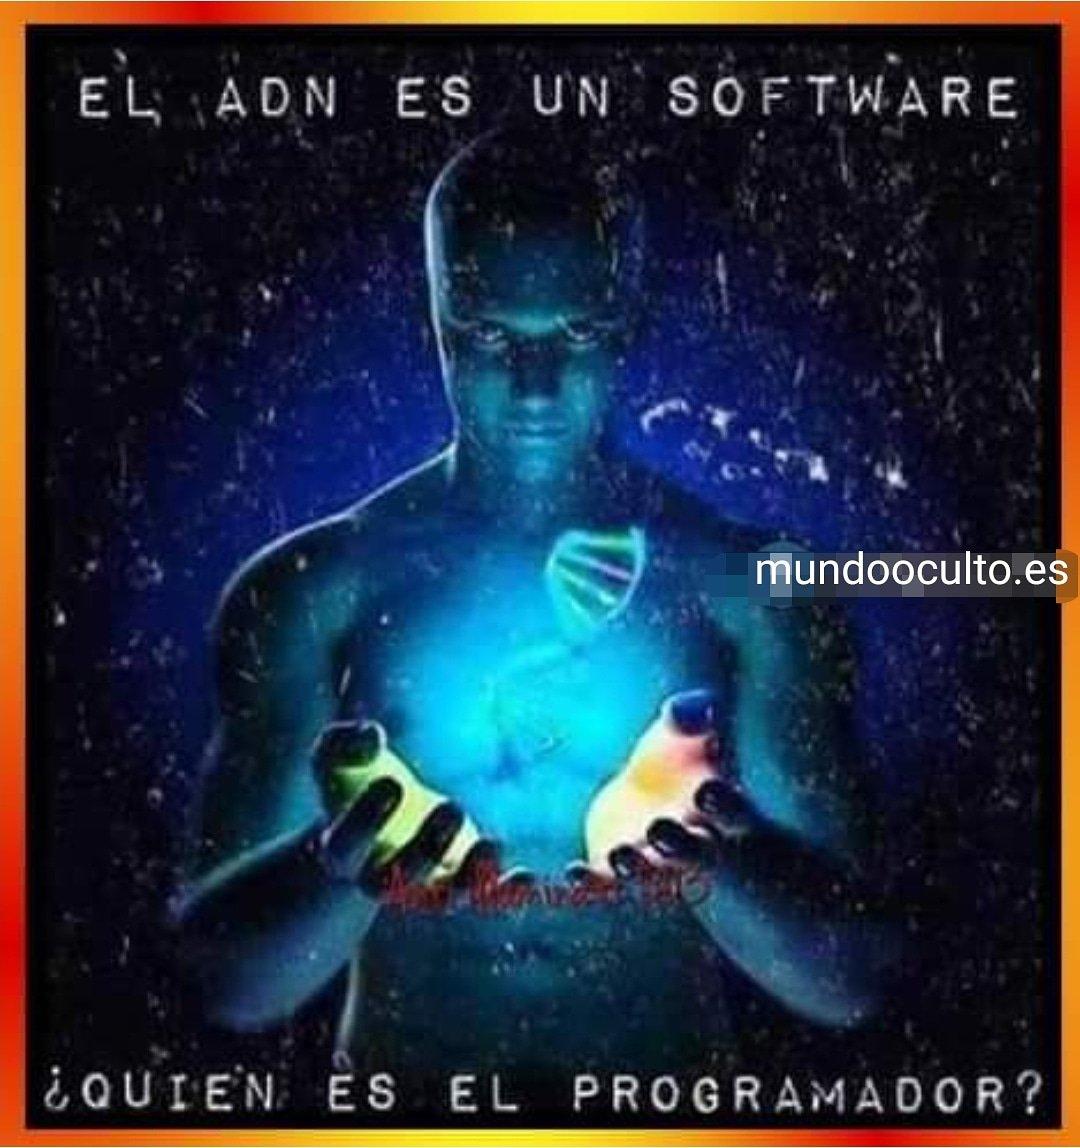 El ADN es un software, quién es el programador?